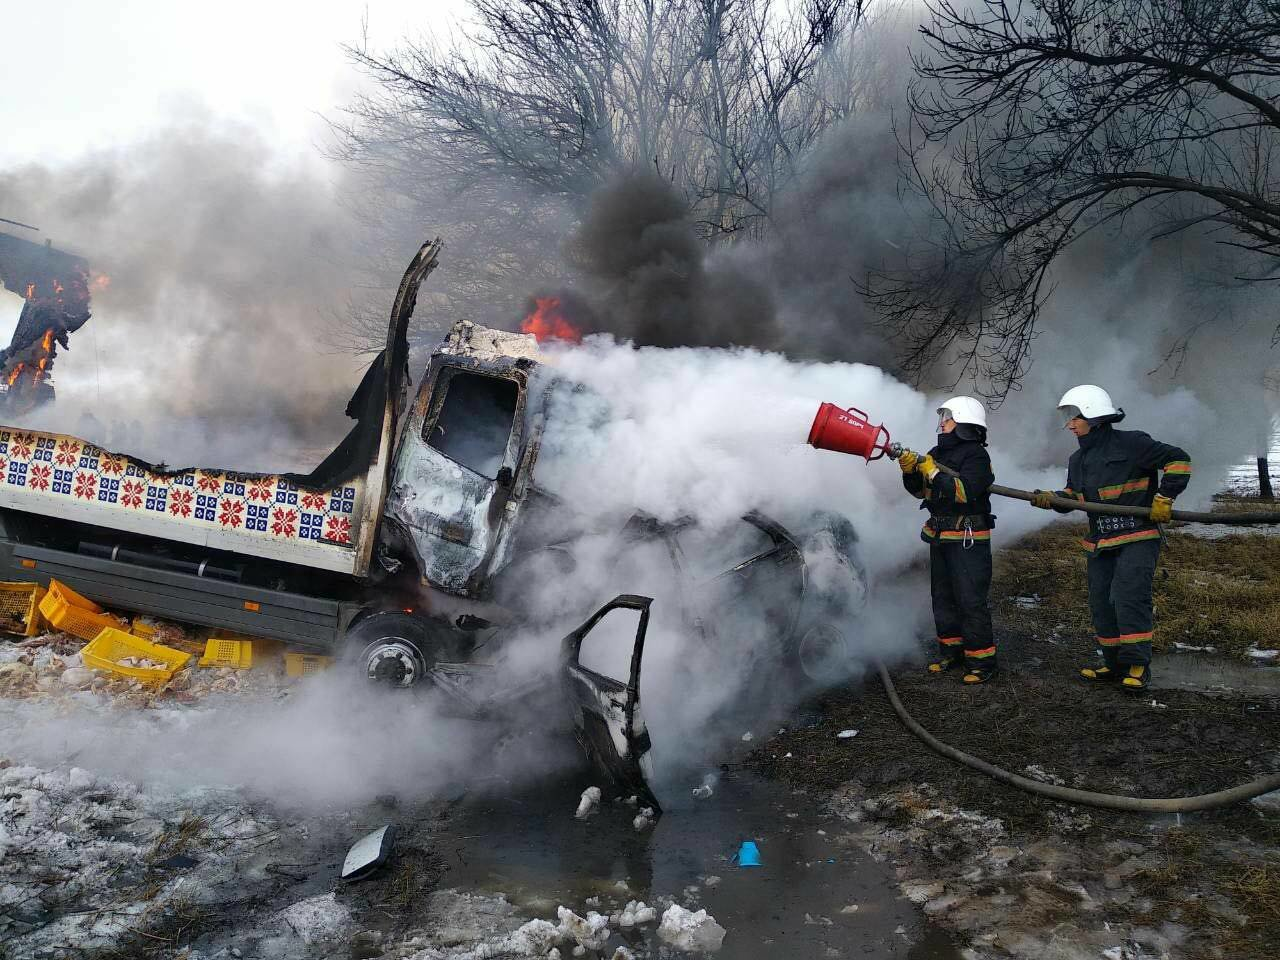 Масштабное ДТП с пожаром под Днепром: погибло 3 человека и ребенок (ФОТО), фото-6